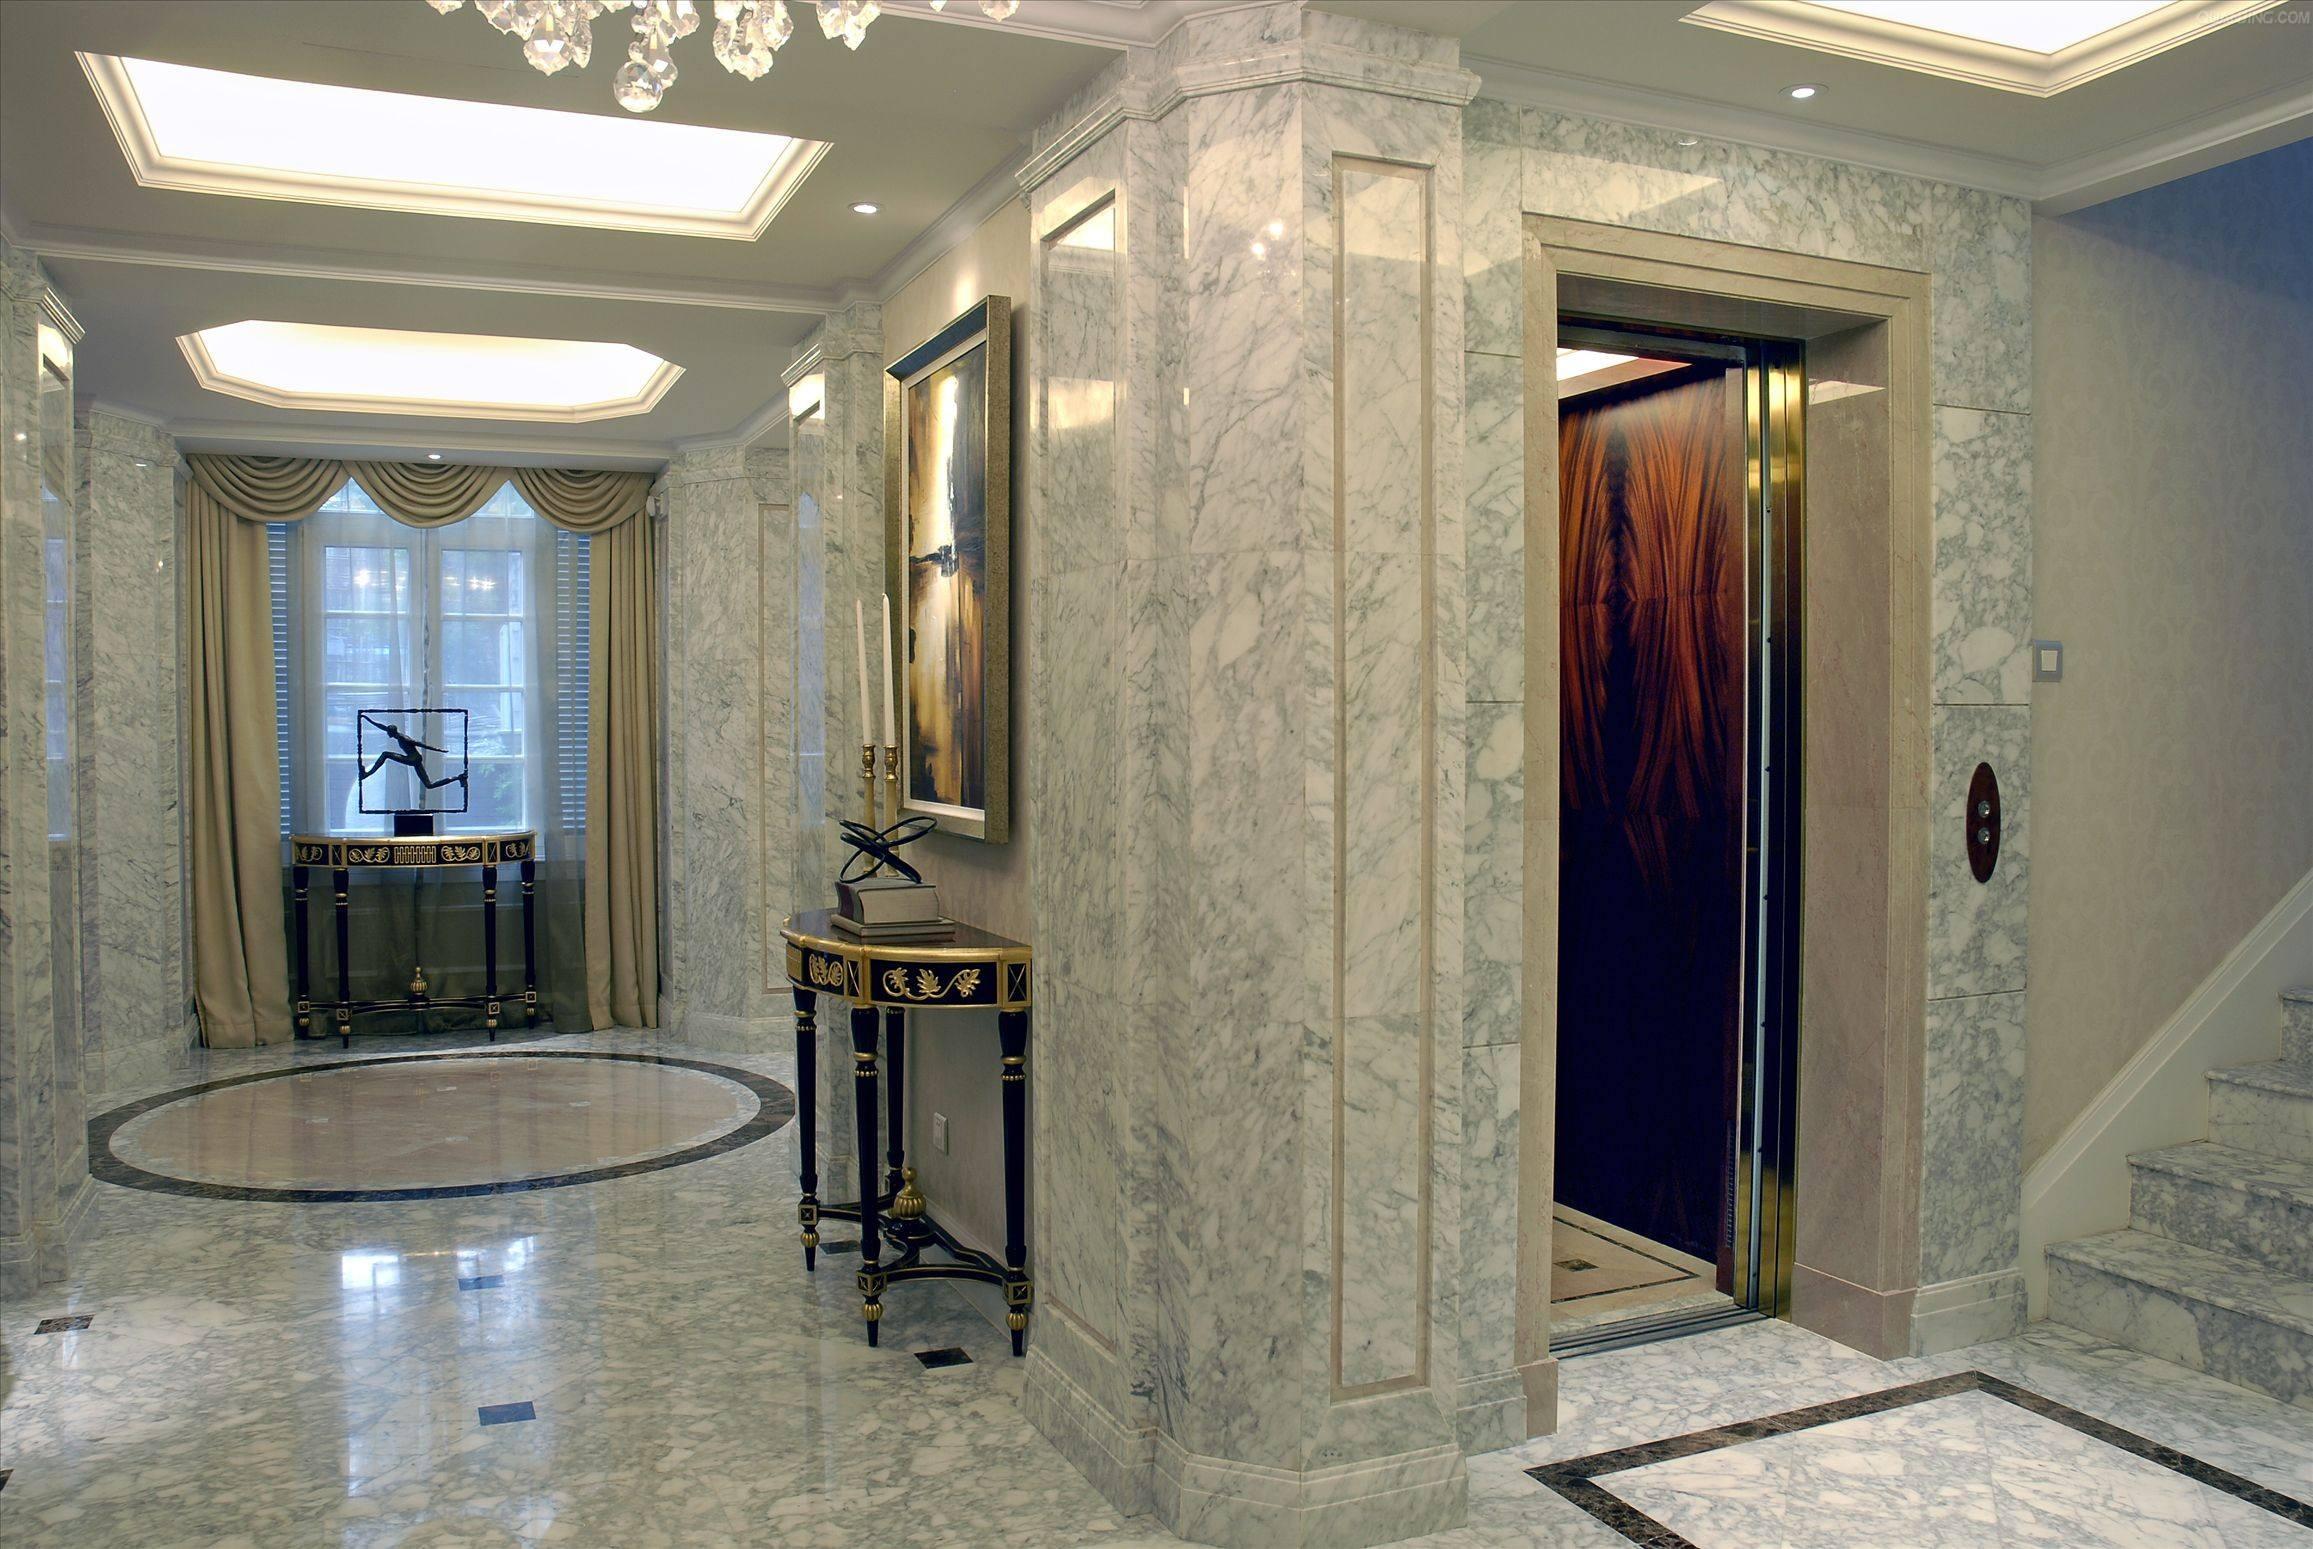 住宅电梯报价—家用住宅电梯多少钱